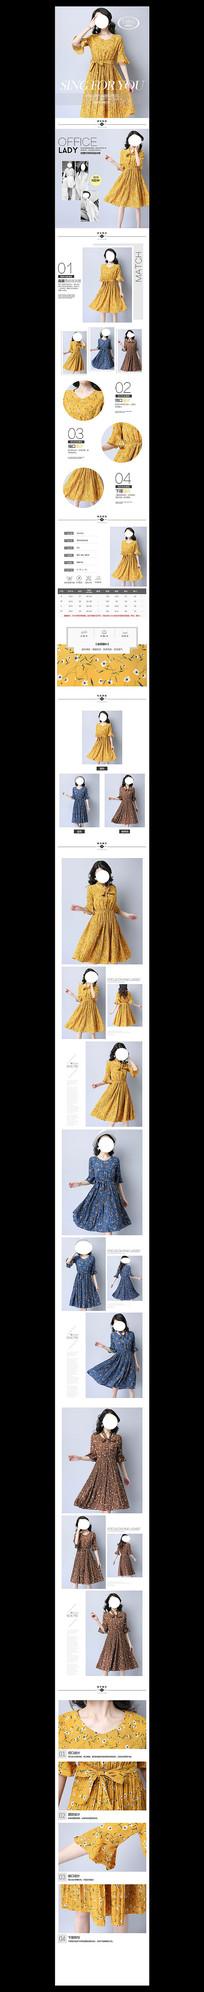 淘宝女装连衣裙上衣详情页模板